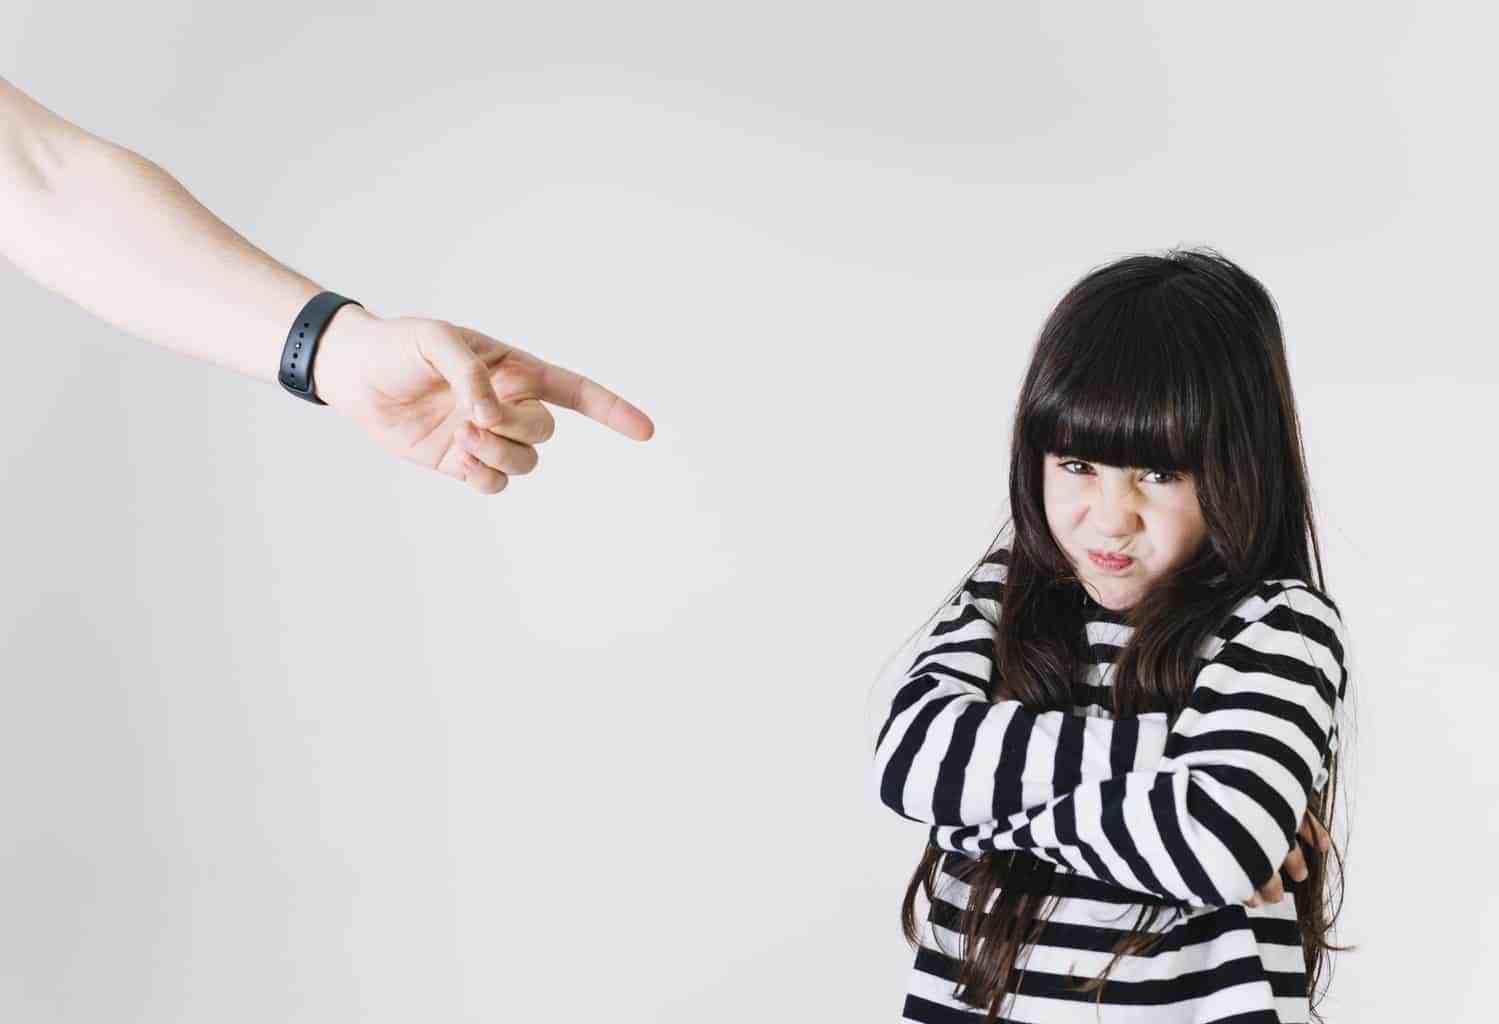 Nói với con những lời này khi trẻ đang mè nheo tức giận, sẽ chẳng tác dụng gì đâu - Ảnh 1.